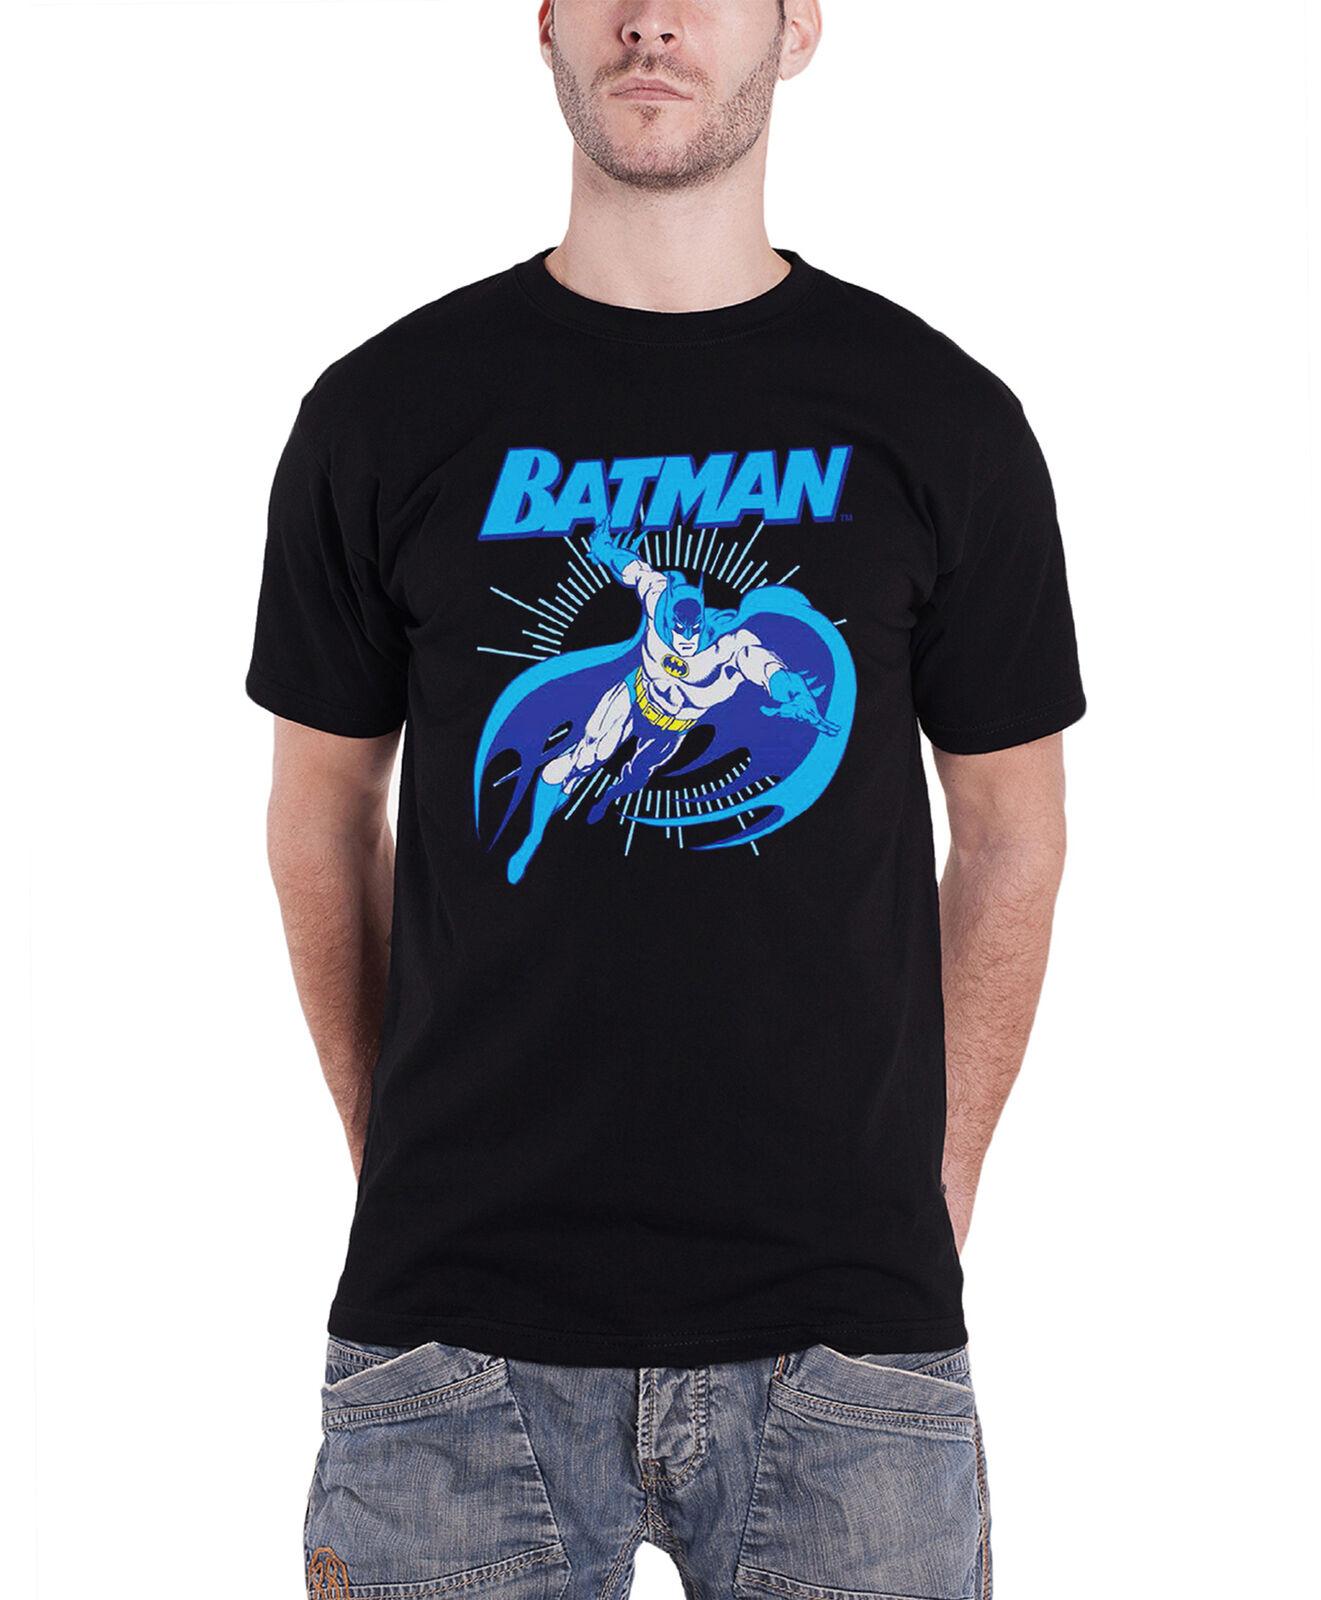 Batman T Shirt Homme Homme Homme Batman Bond Vintage Officiel DC COMICS Noir S bded97